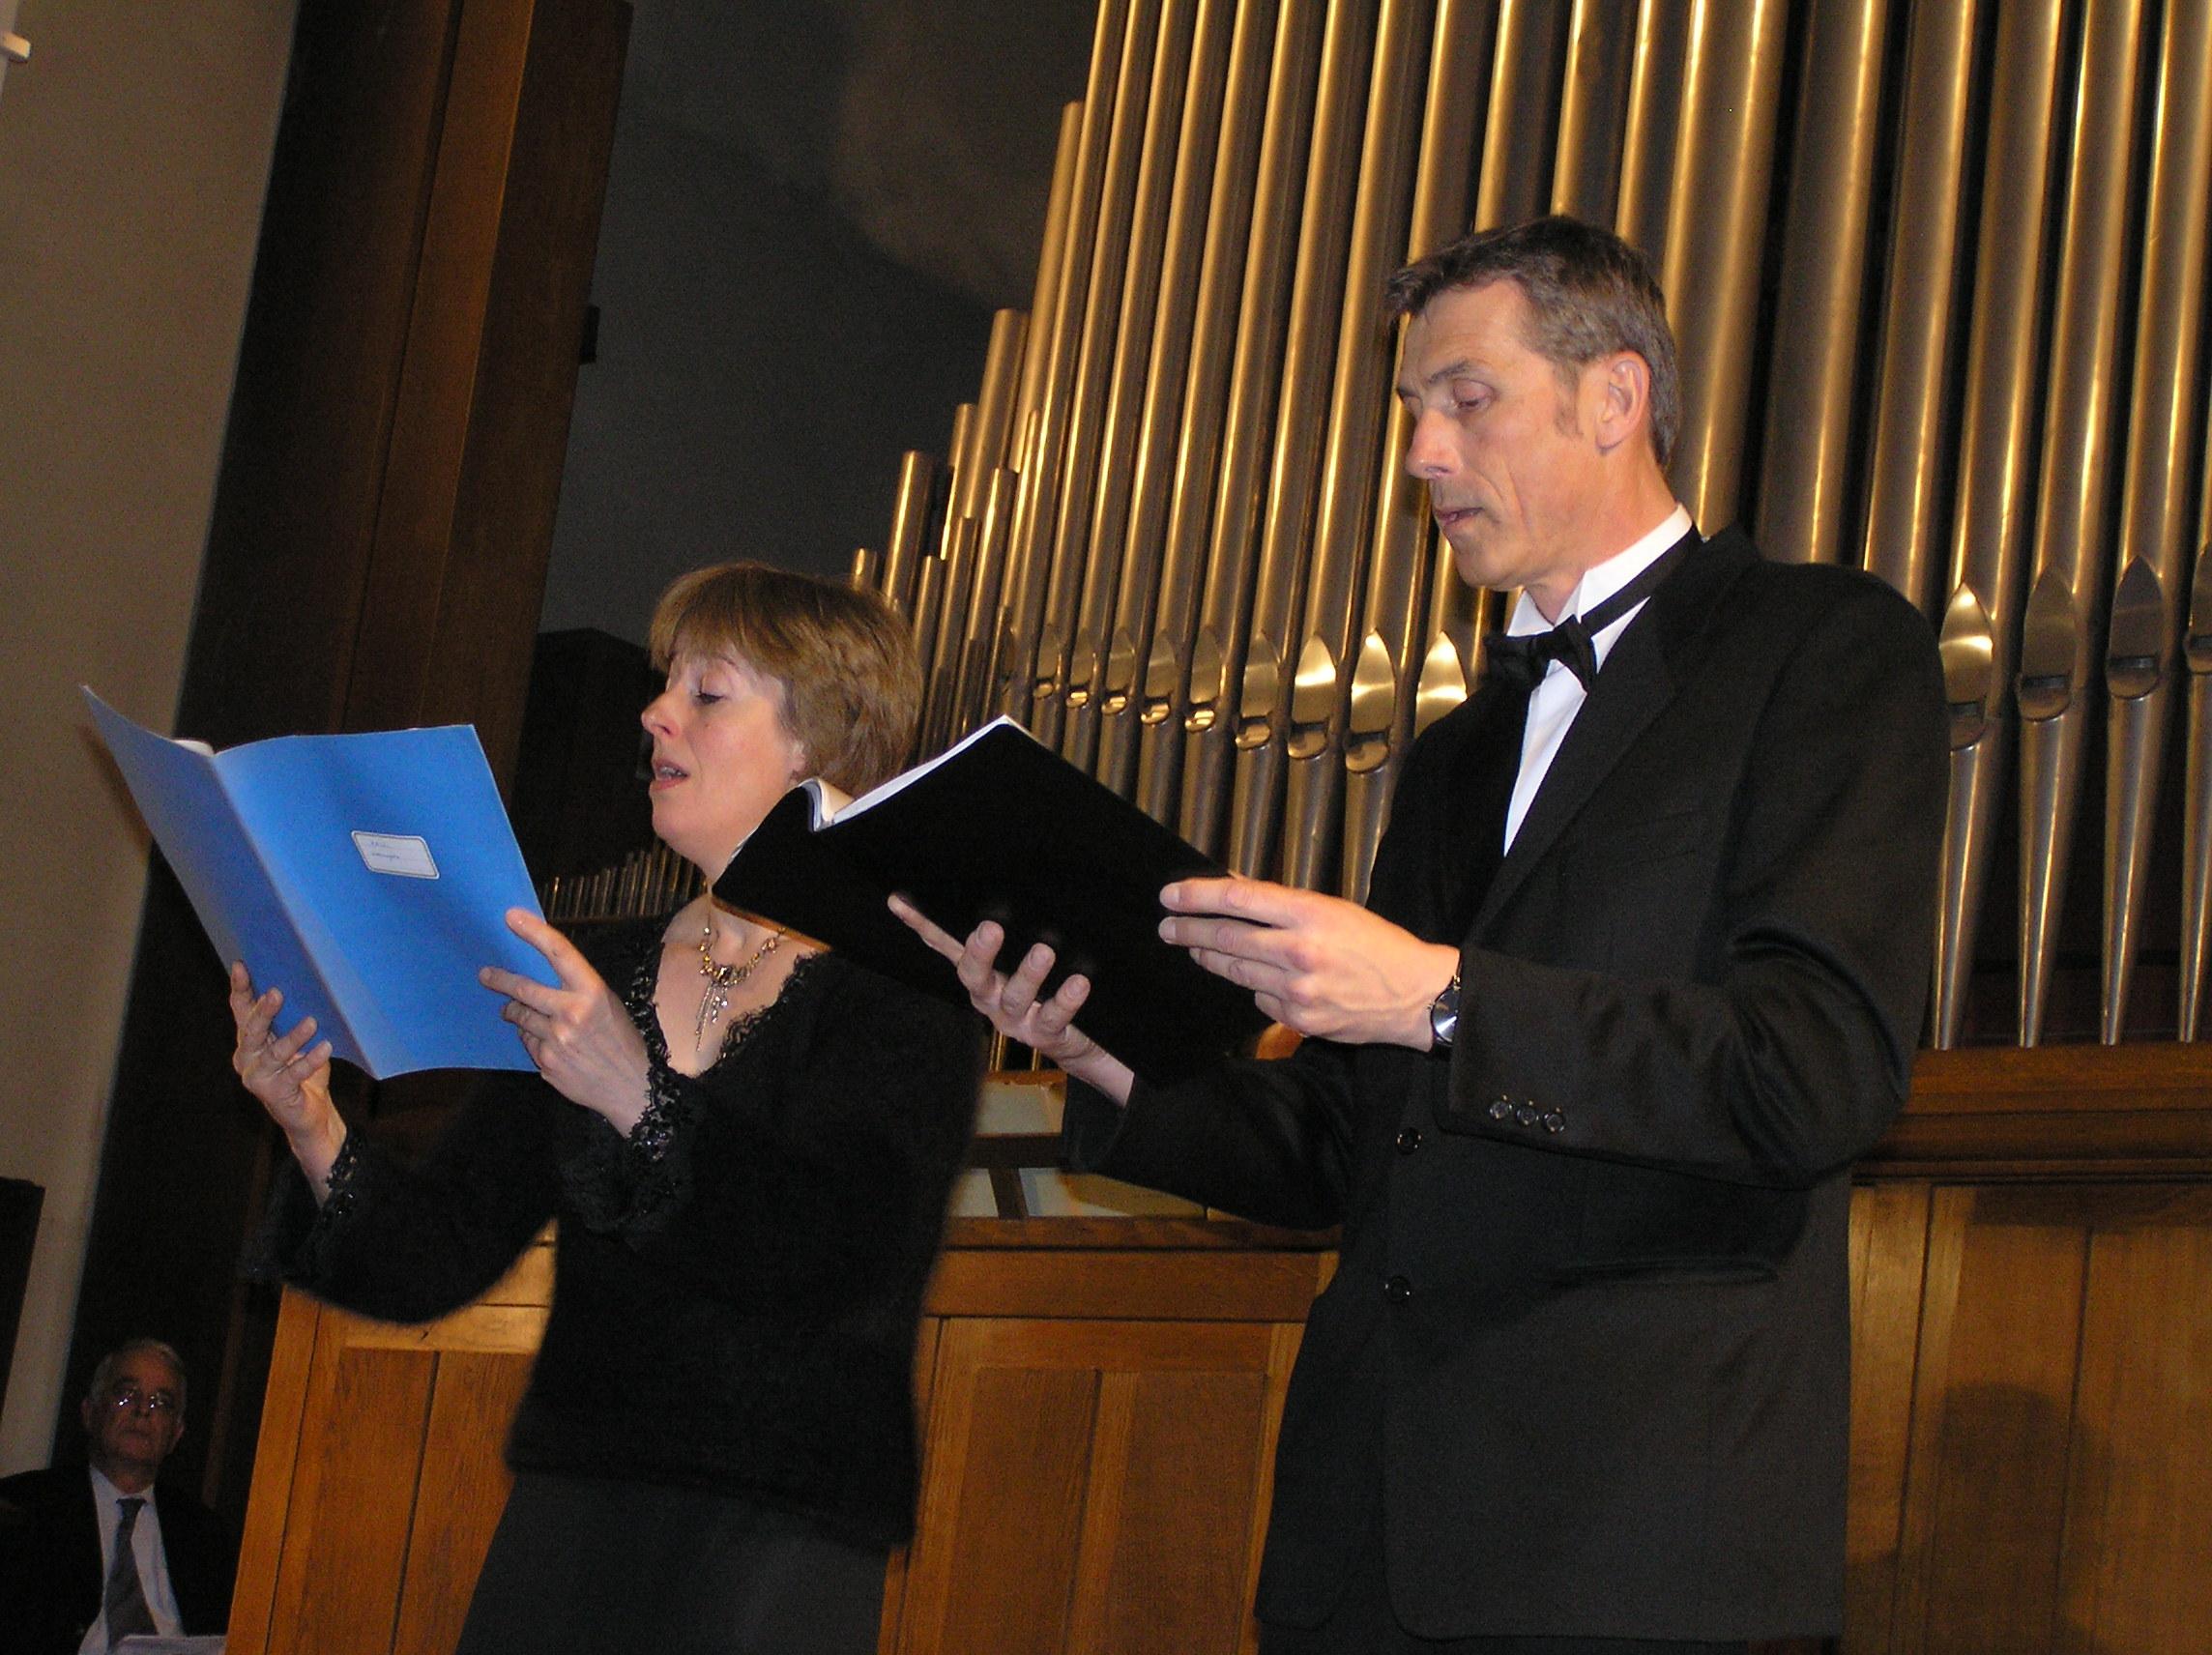 Pascale Meesemaecker et Didier Houque concert du 5 mai 2006